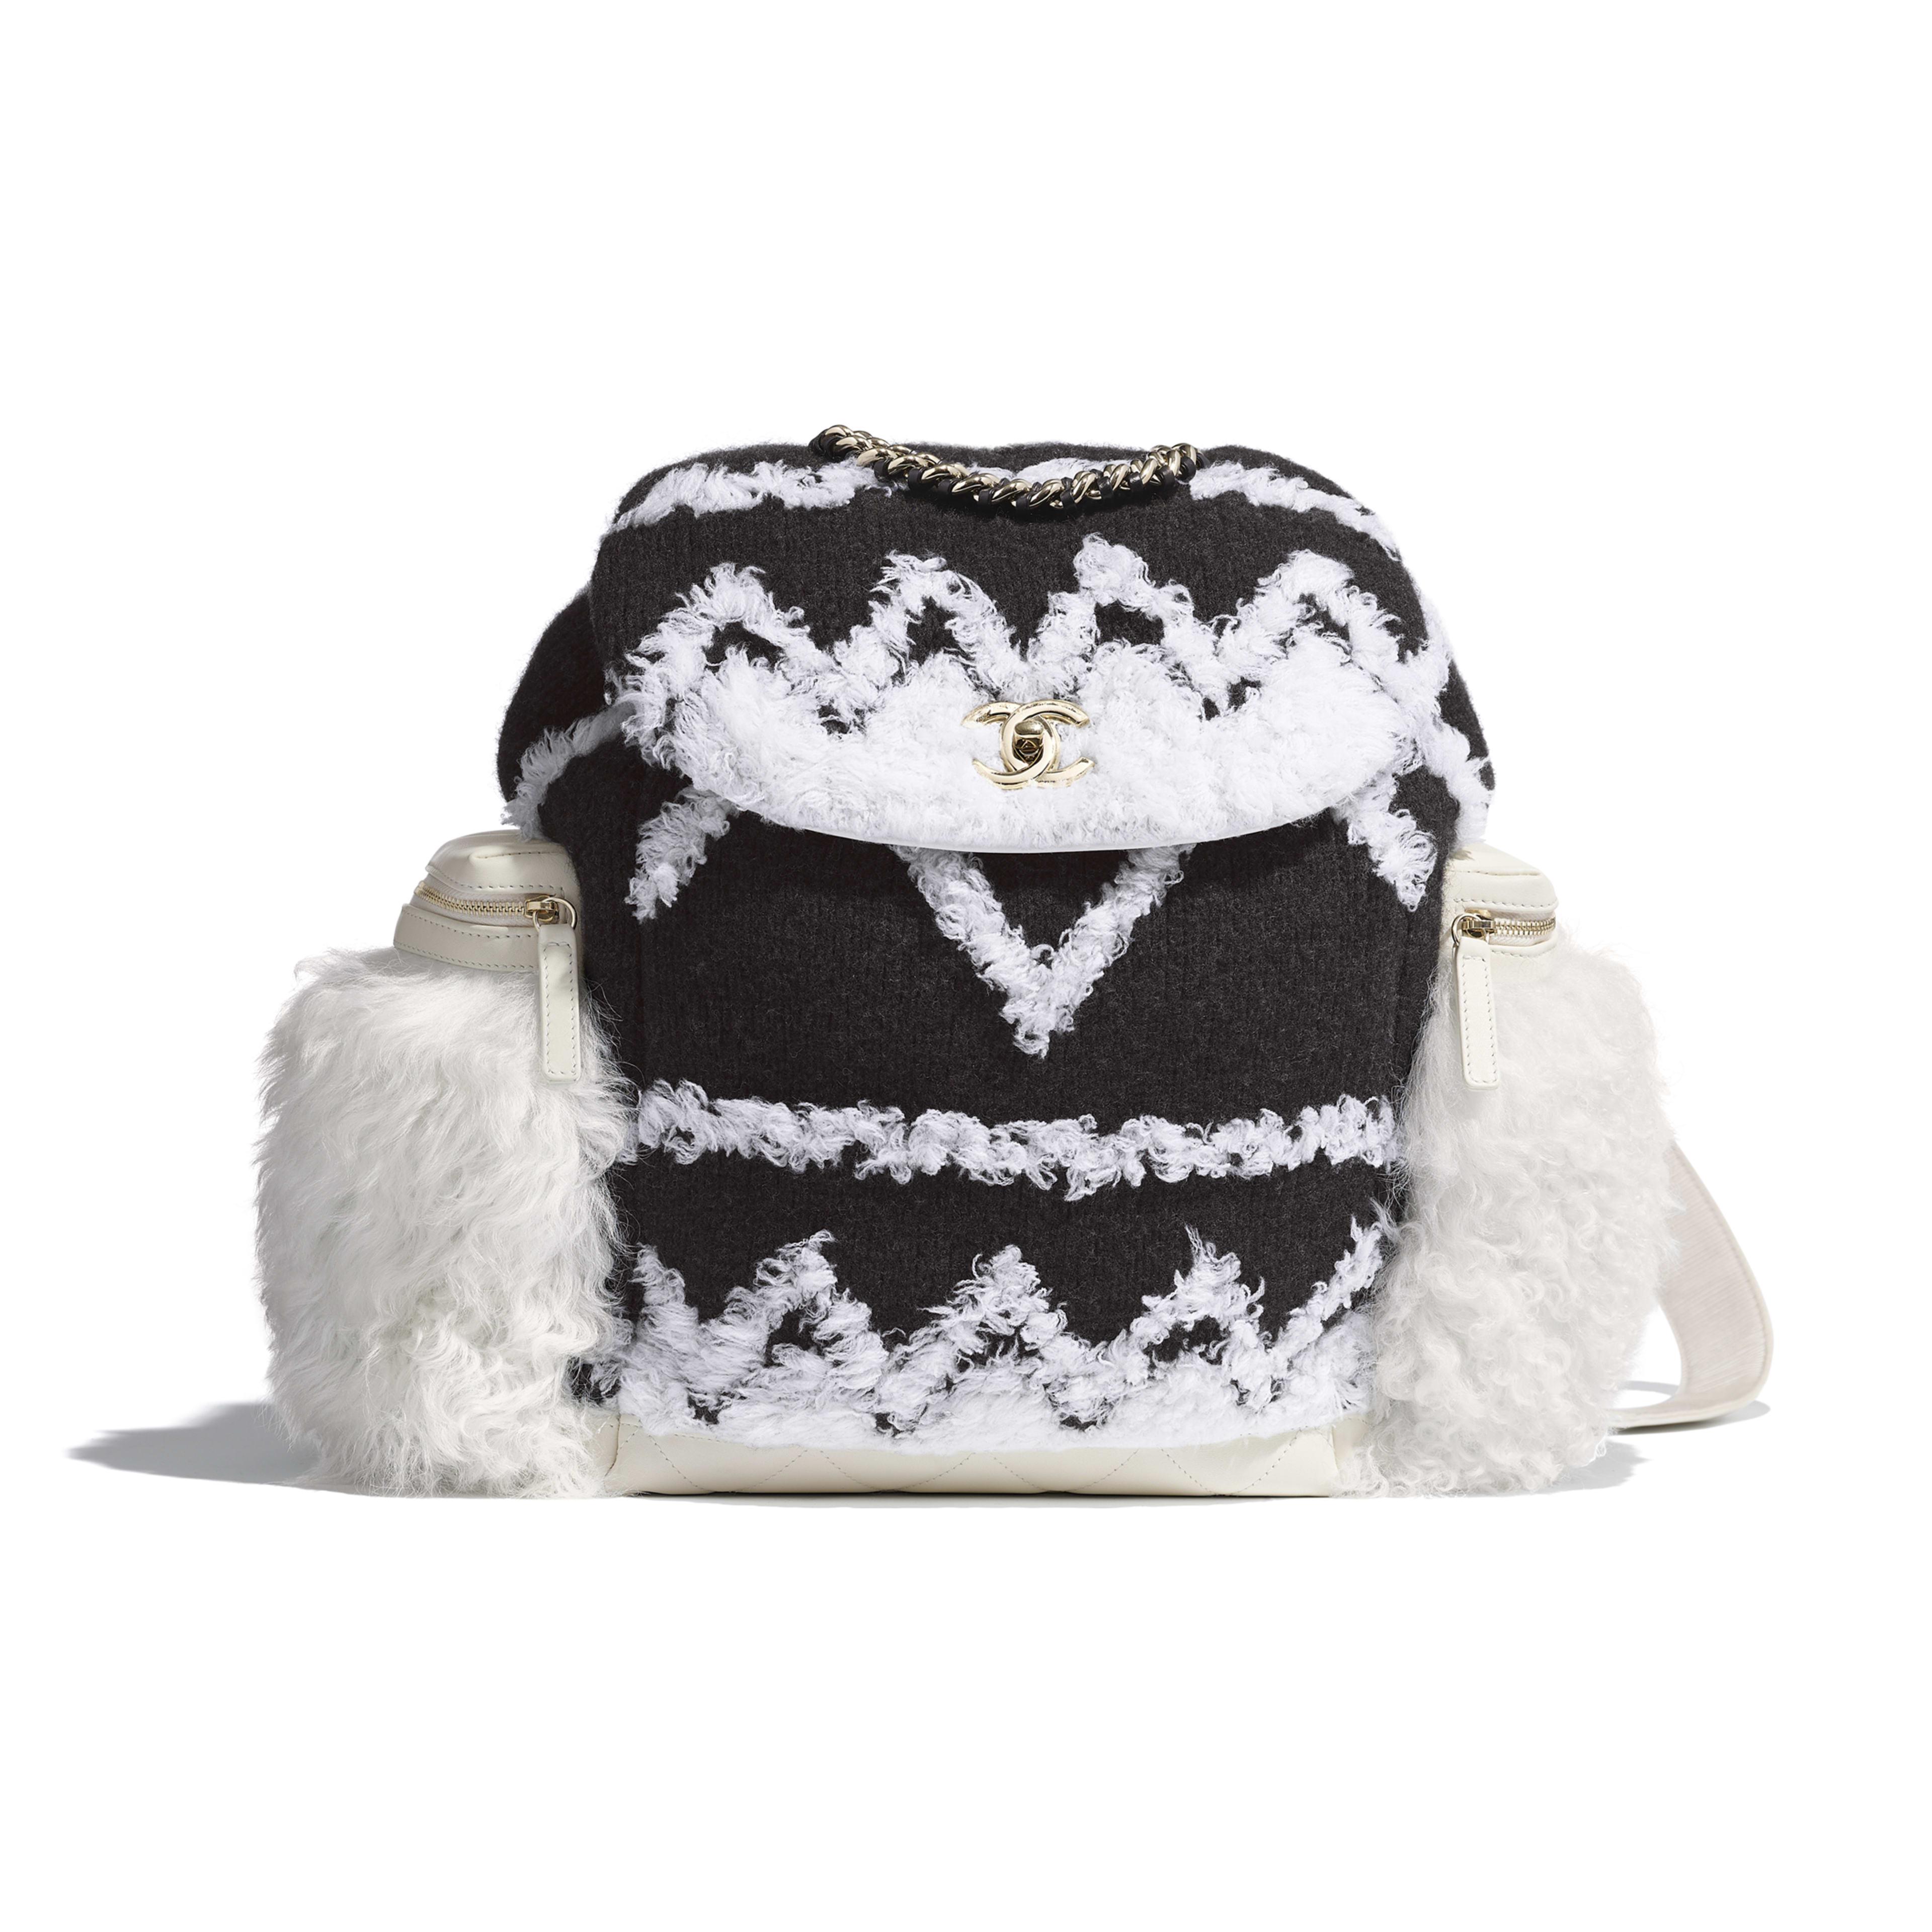 Рюкзак большого размера - Белый и черный - Шерсть, овчина и золотистый металл - Вид по умолчанию - посмотреть полноразмерное изображение